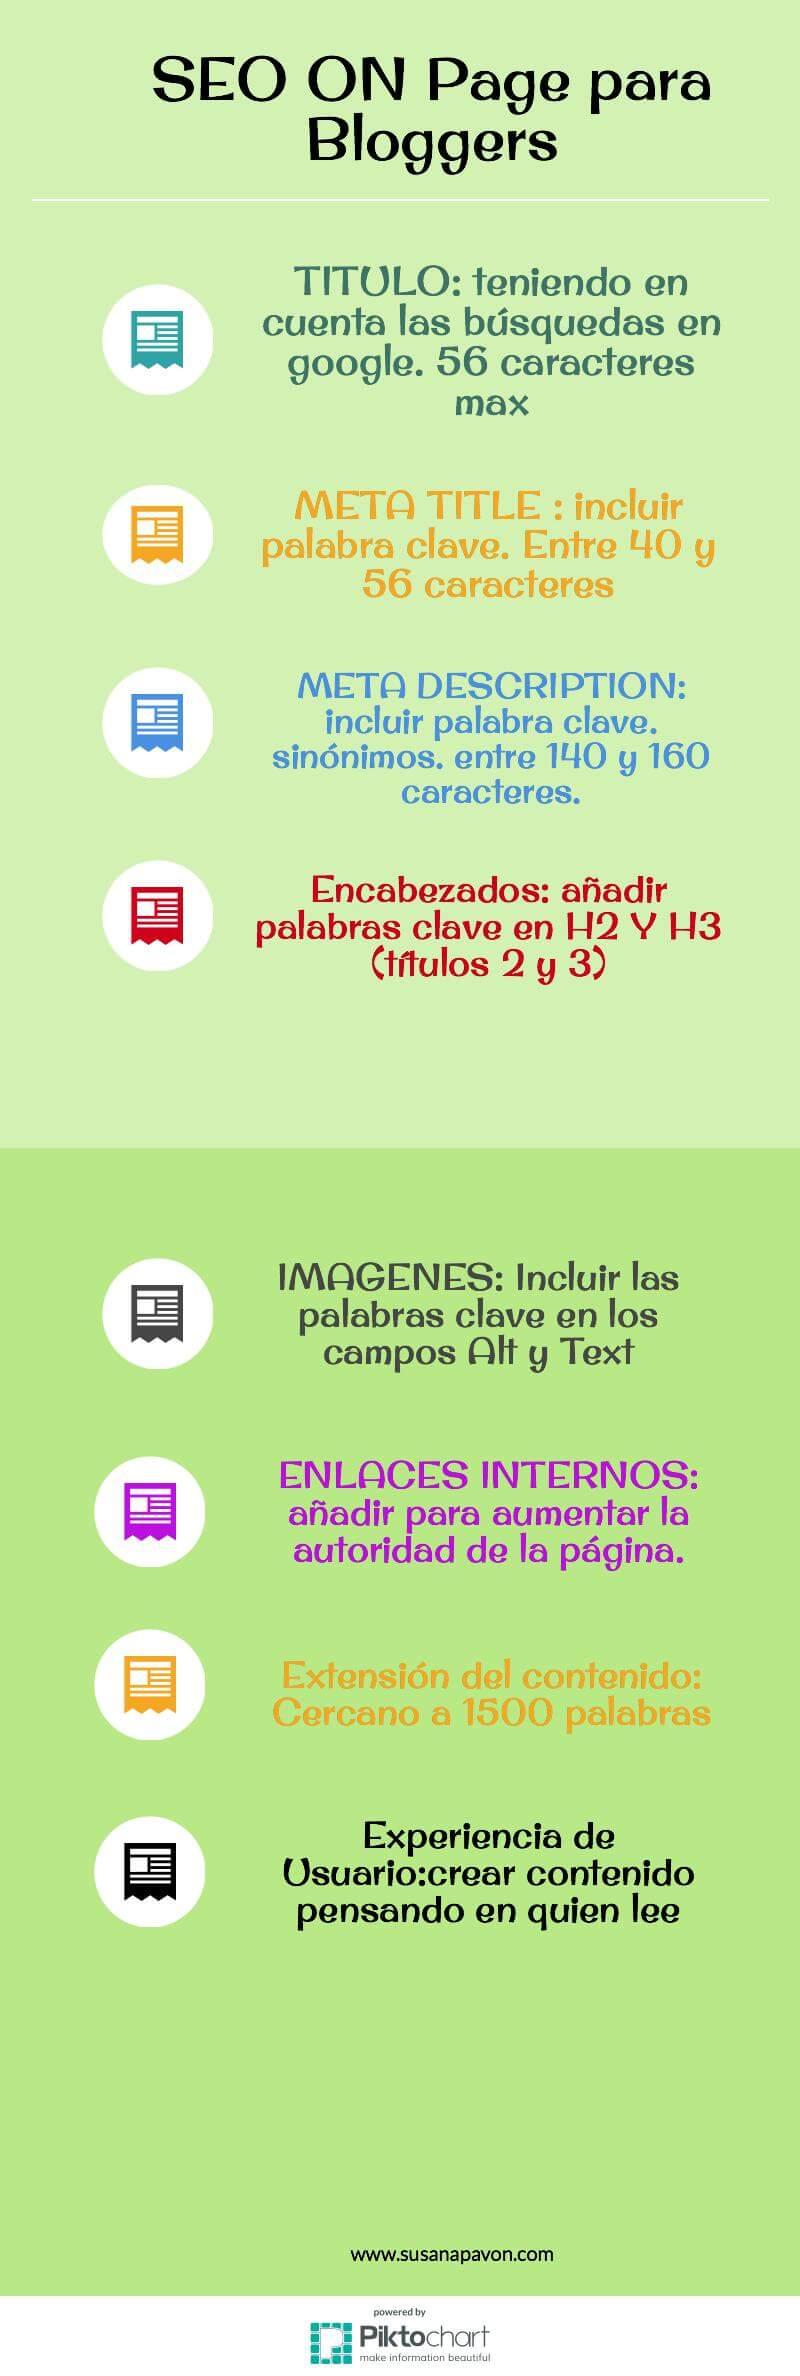 Qué y cómo comparten contenidos los bloggers e influencers #infografía #infographic #marketing http://ift.tt/2zWAGT5 Presentaciones atractivas en 10 pasos #infografia #infographic #design http://ift.tt/2jcOWz0